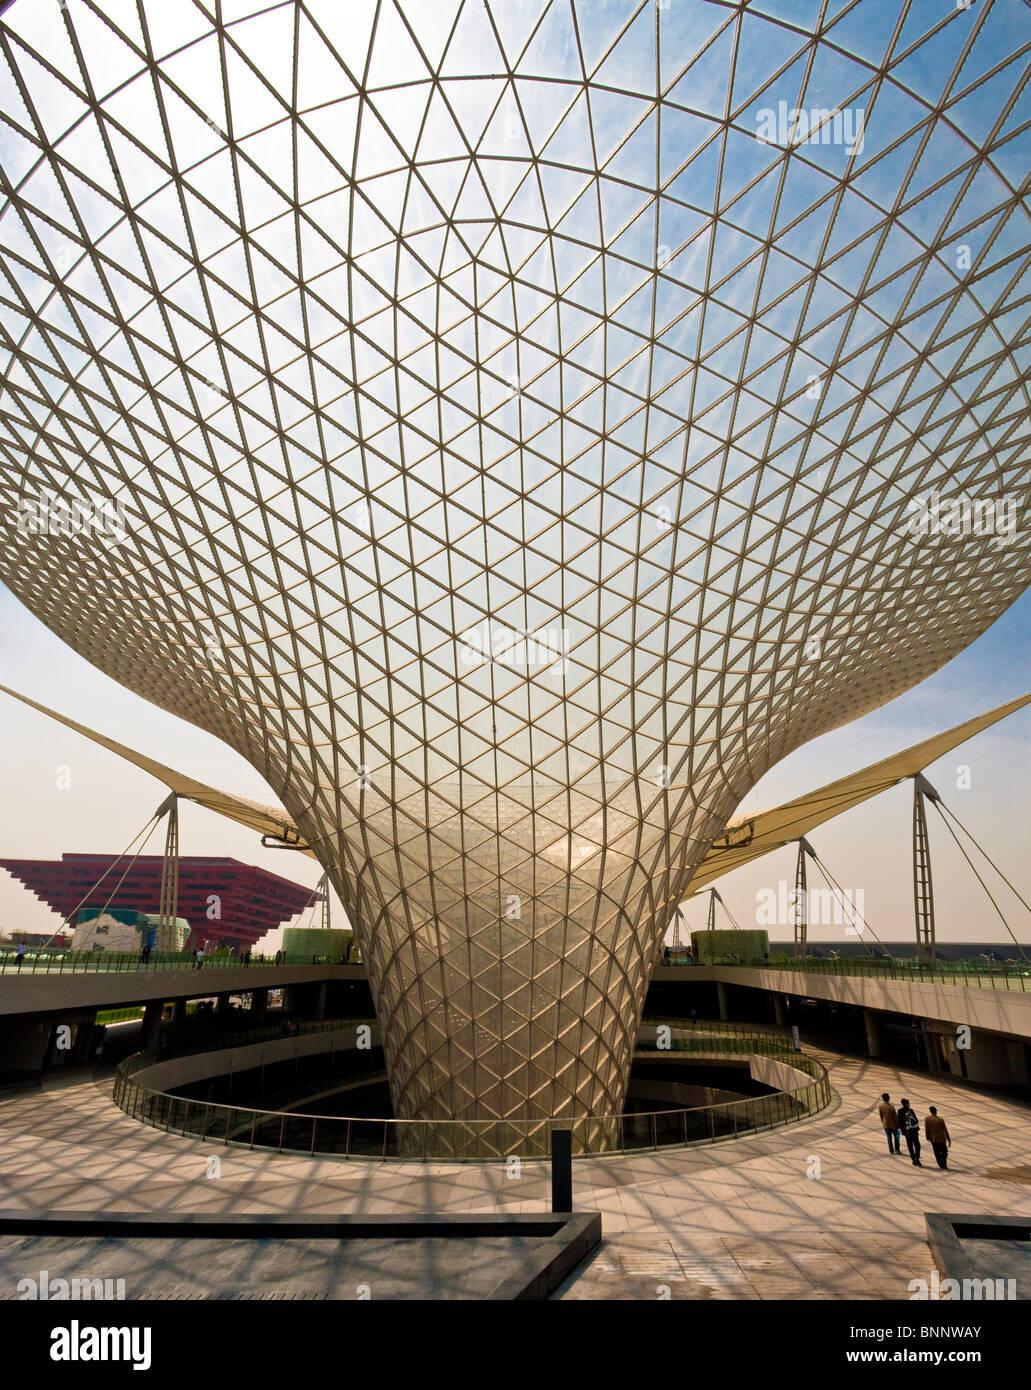 China Expo Shanghai Expo boulevard arquitectura turismo itinerante la exhibición mundial de arquitectura de Imagen De Stock